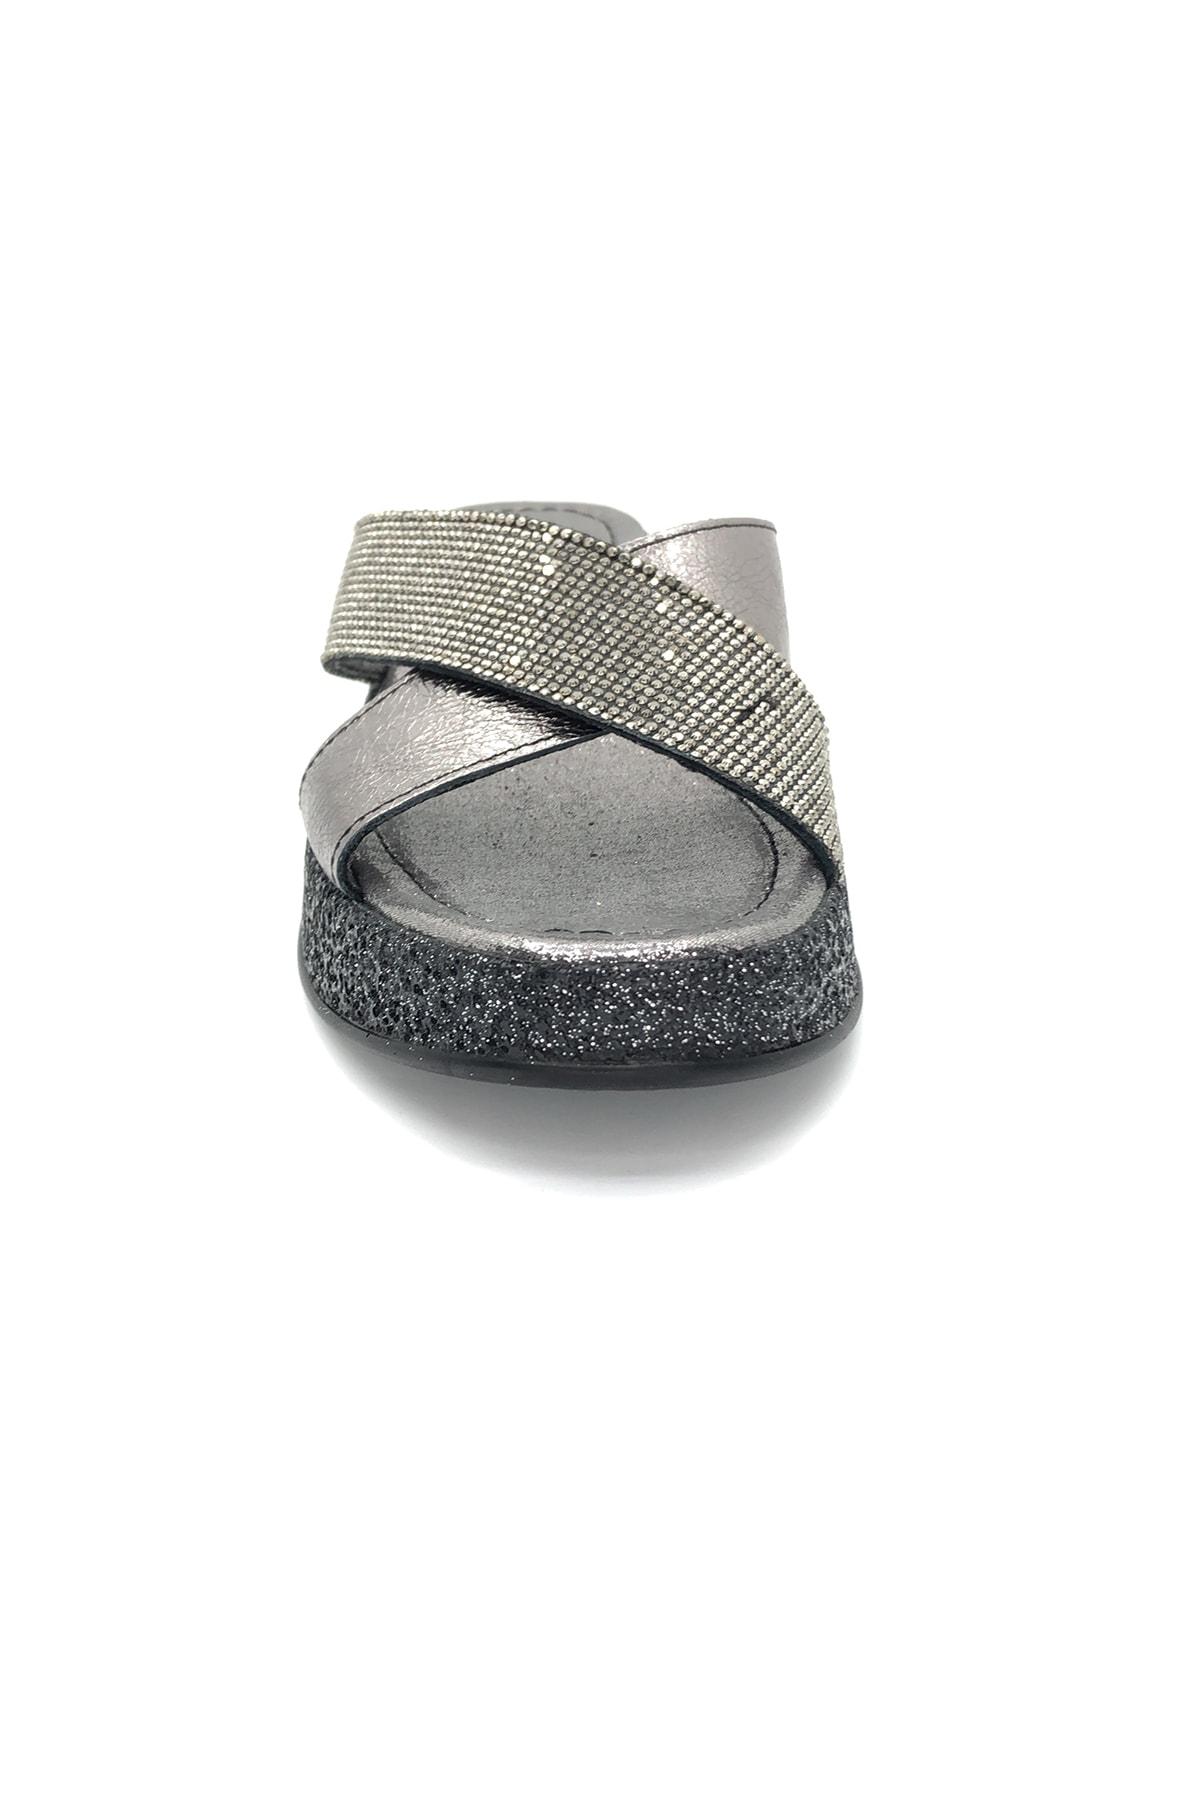 Pierre Cardin Kadın Gümüş Terlik 2